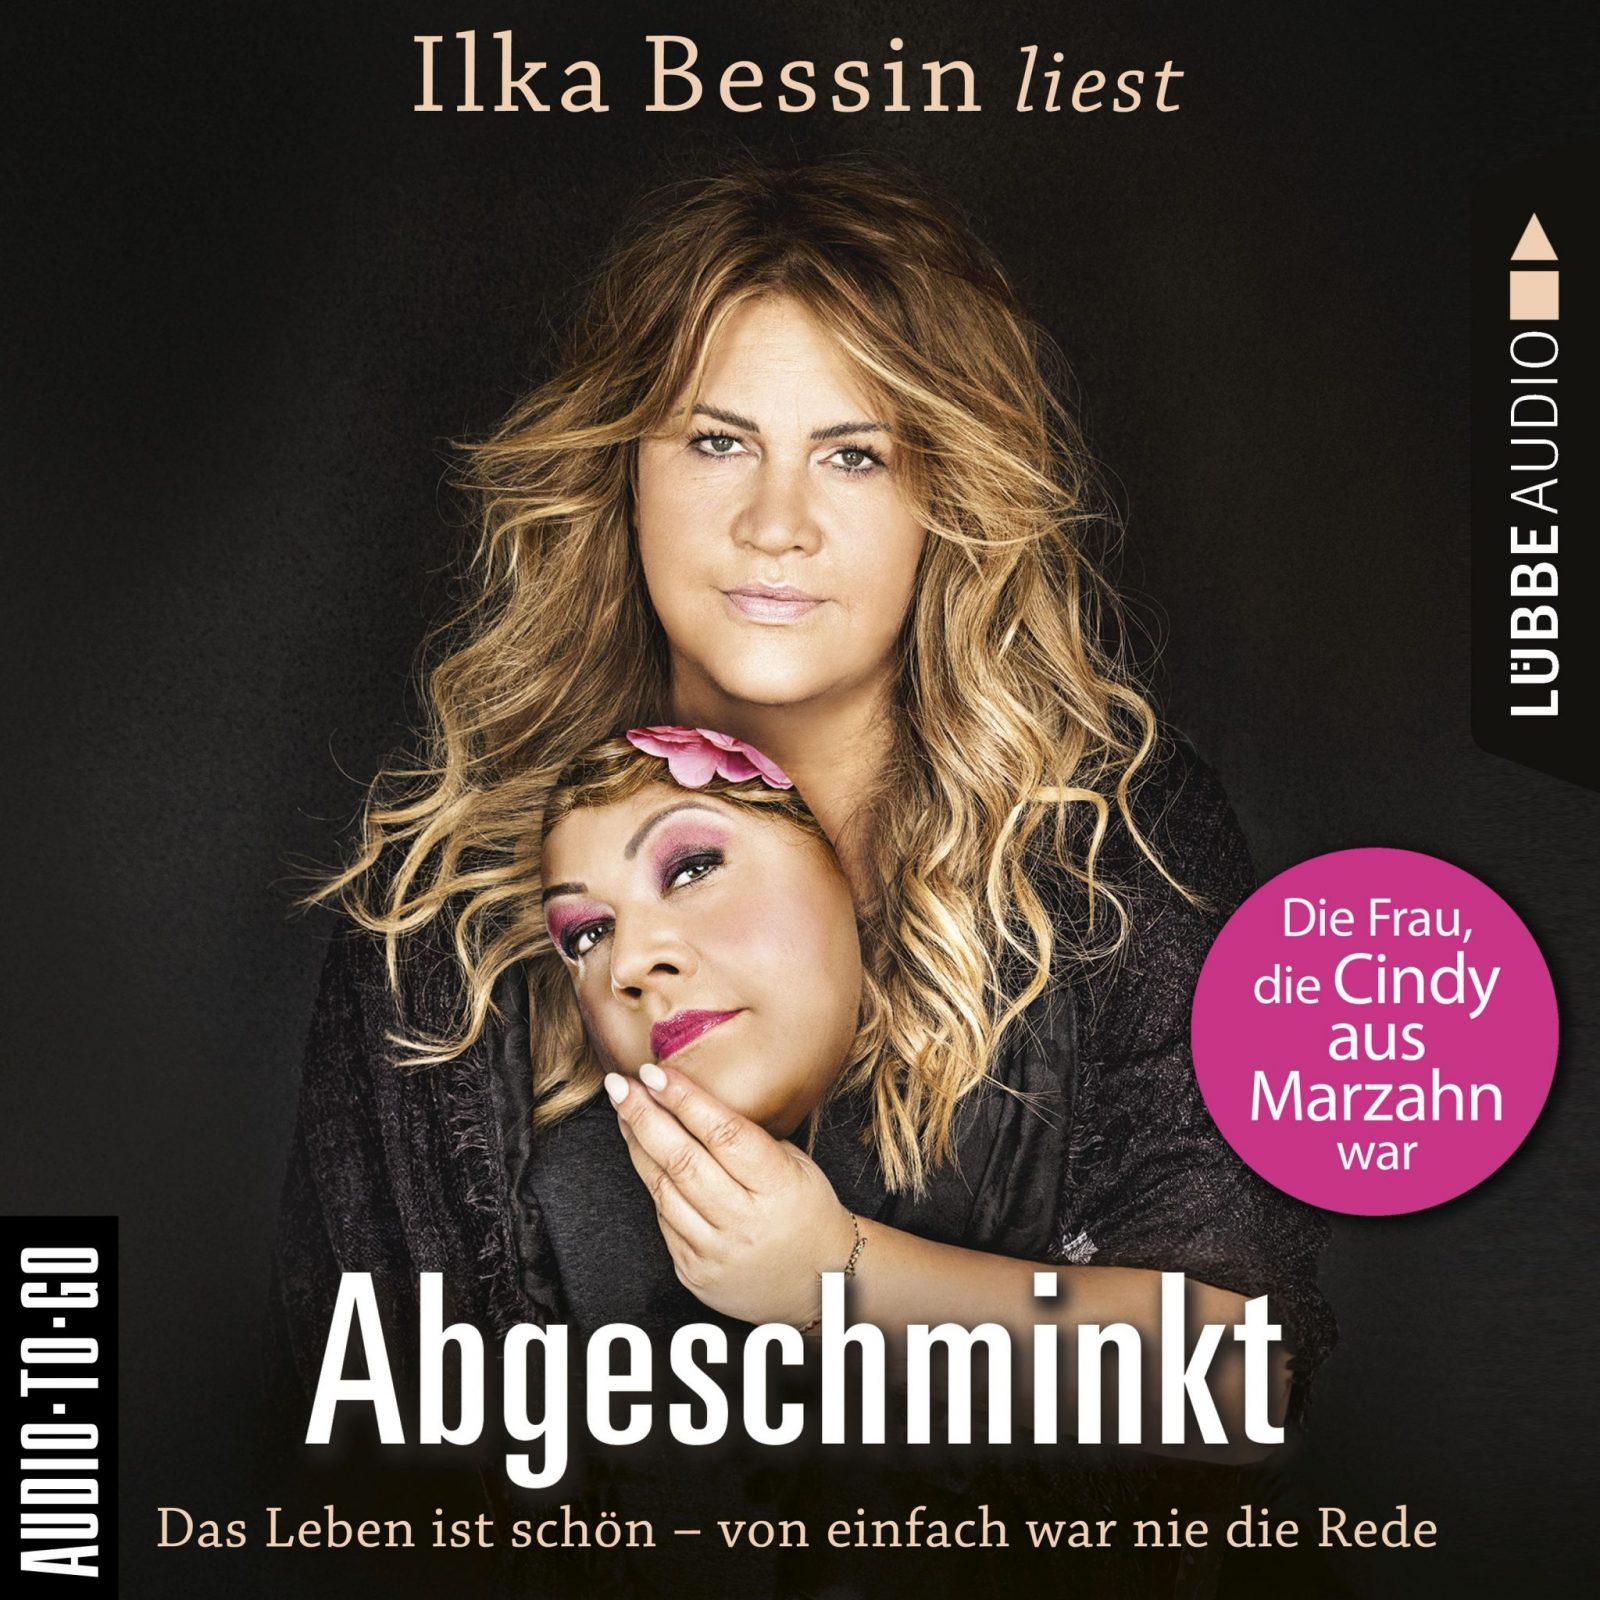 Ilka Bessin liest: Abgeschminkt.  Das Leben ist schön – von einfach war nie die Rede